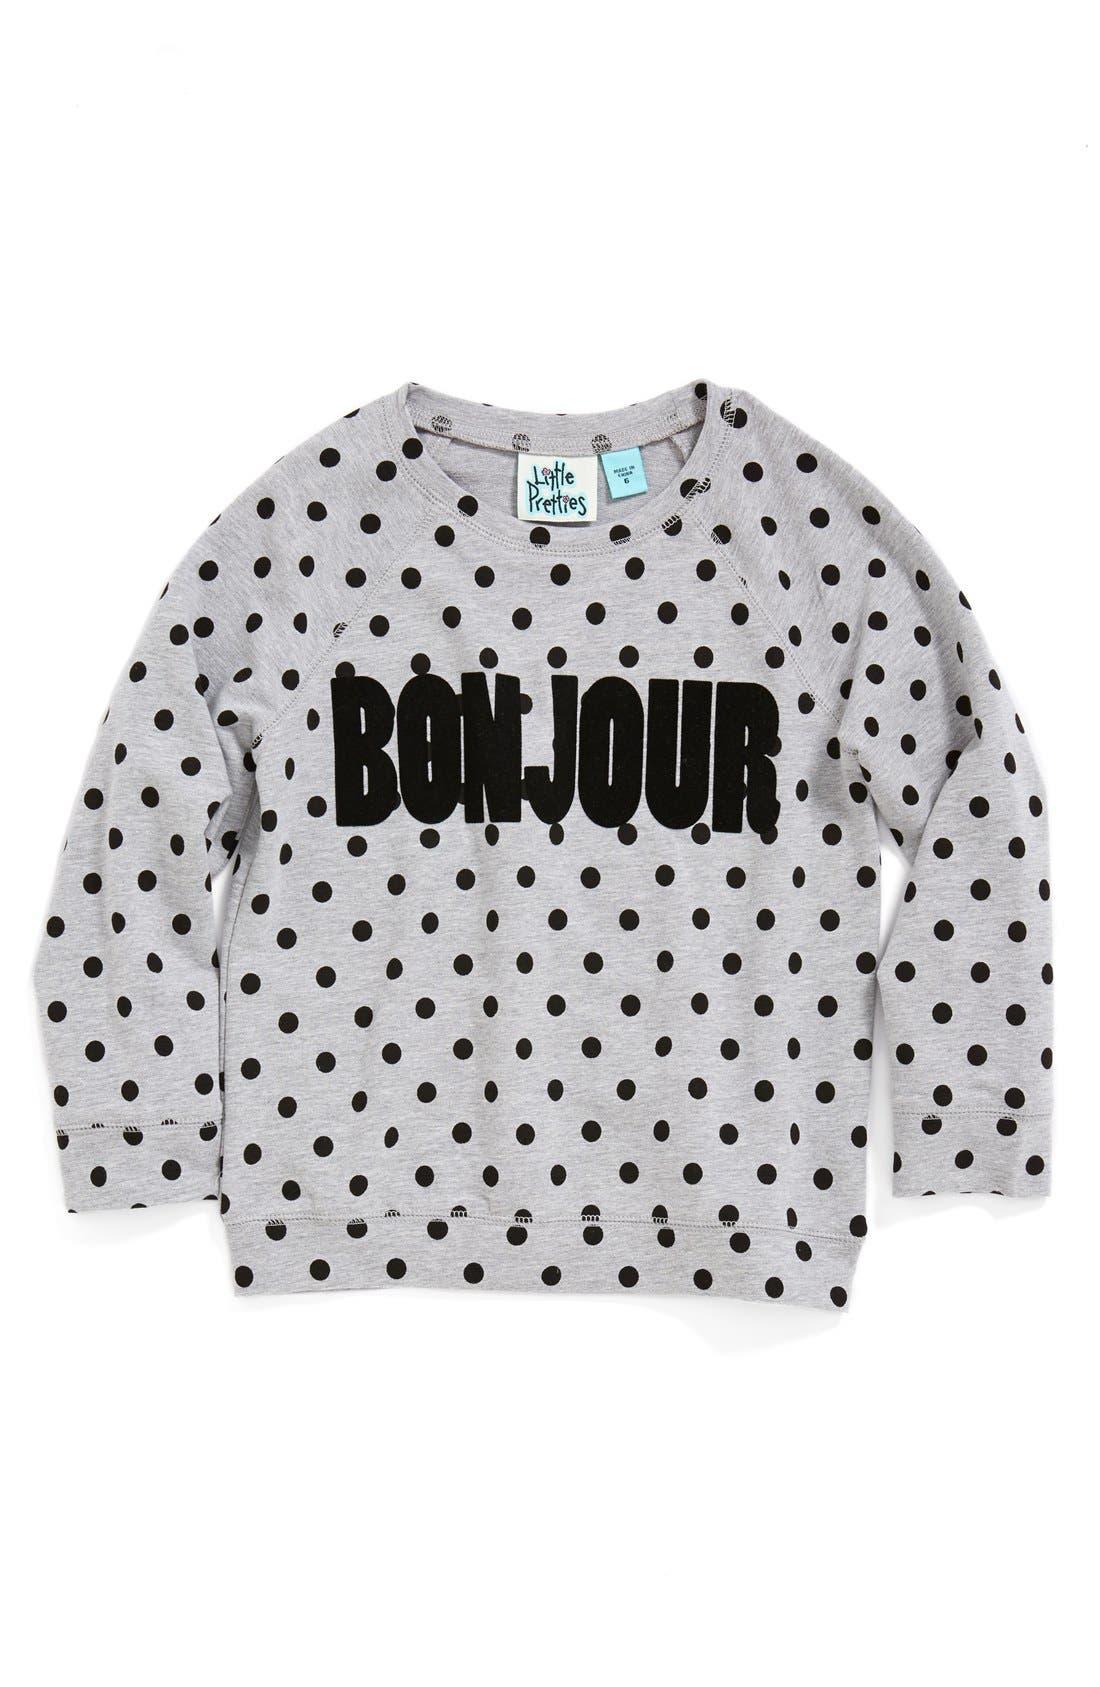 Alternate Image 1 Selected - Little Pretties 'Bonjour' Polka Dot Sweatshirt (Toddler Girls, Little Girls & Big Girls)